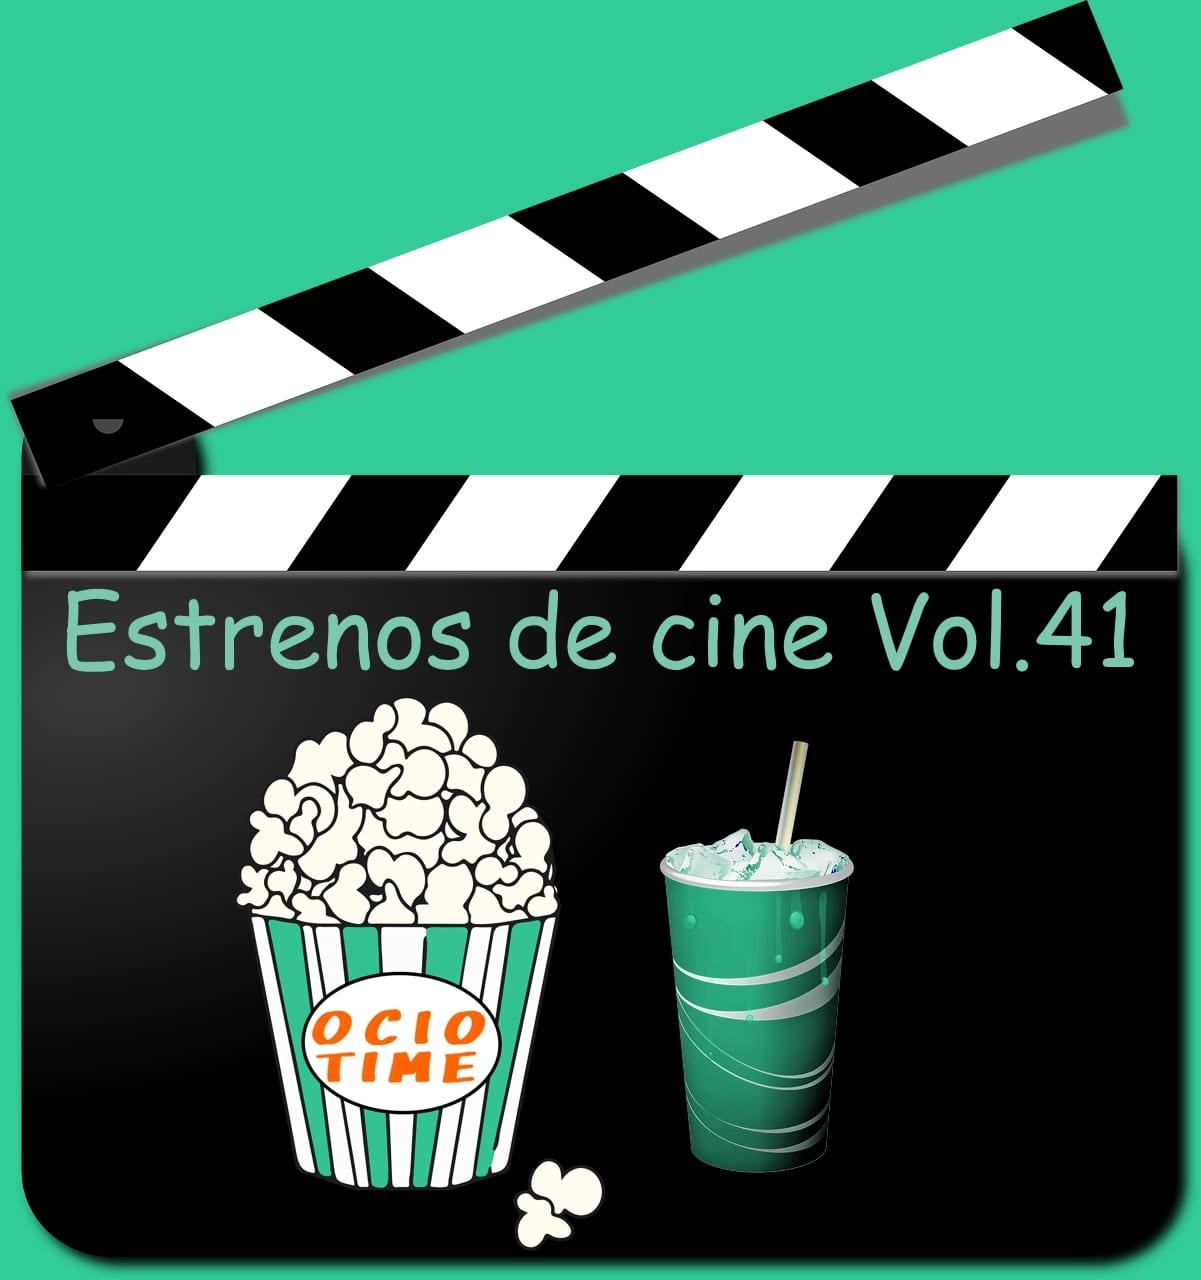 Estrenos de cine Vol.41